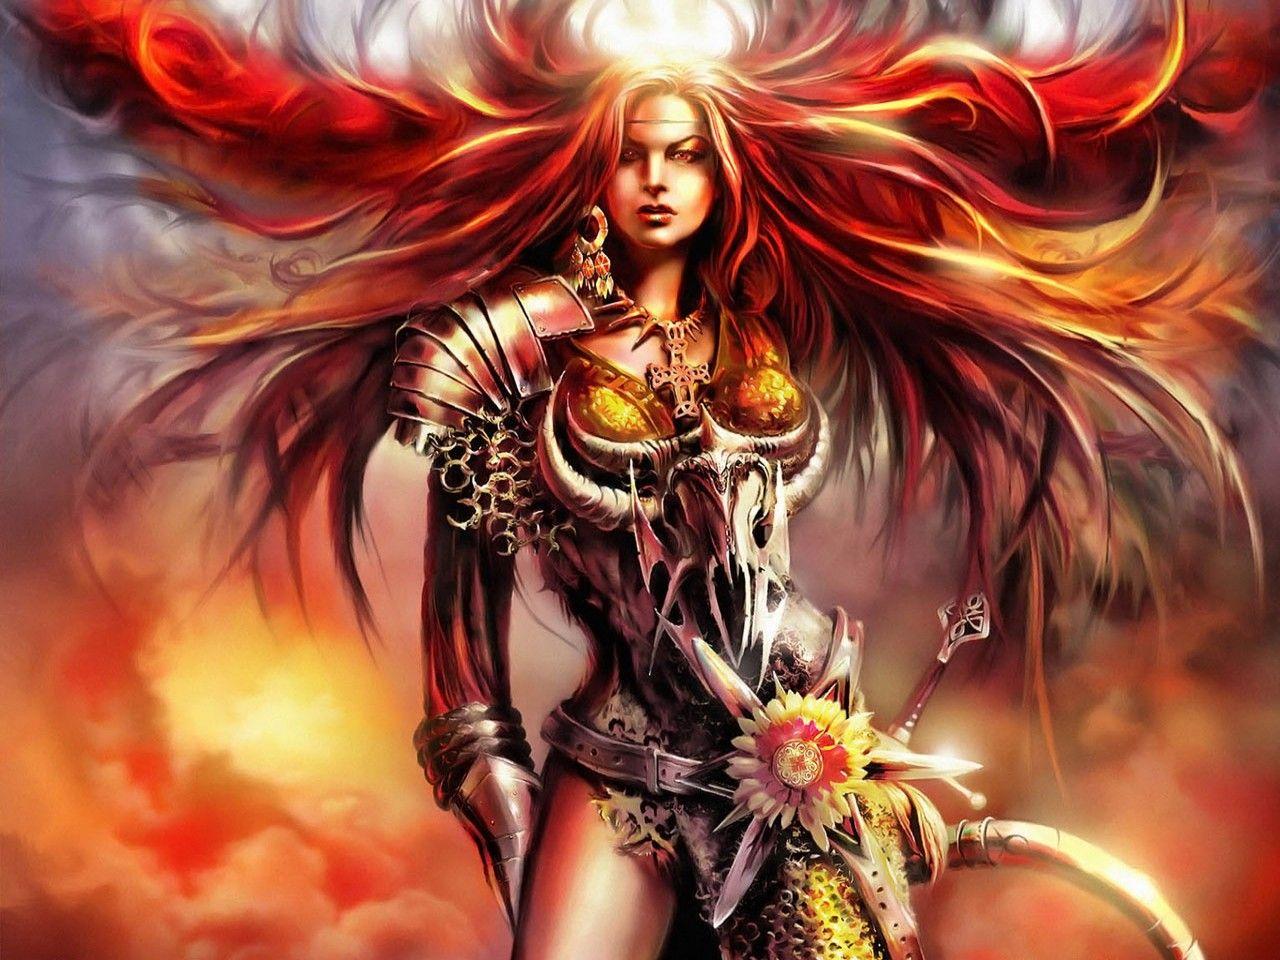 HD Fantasy Woman Wallpapersamazedwallpaper 1280x960